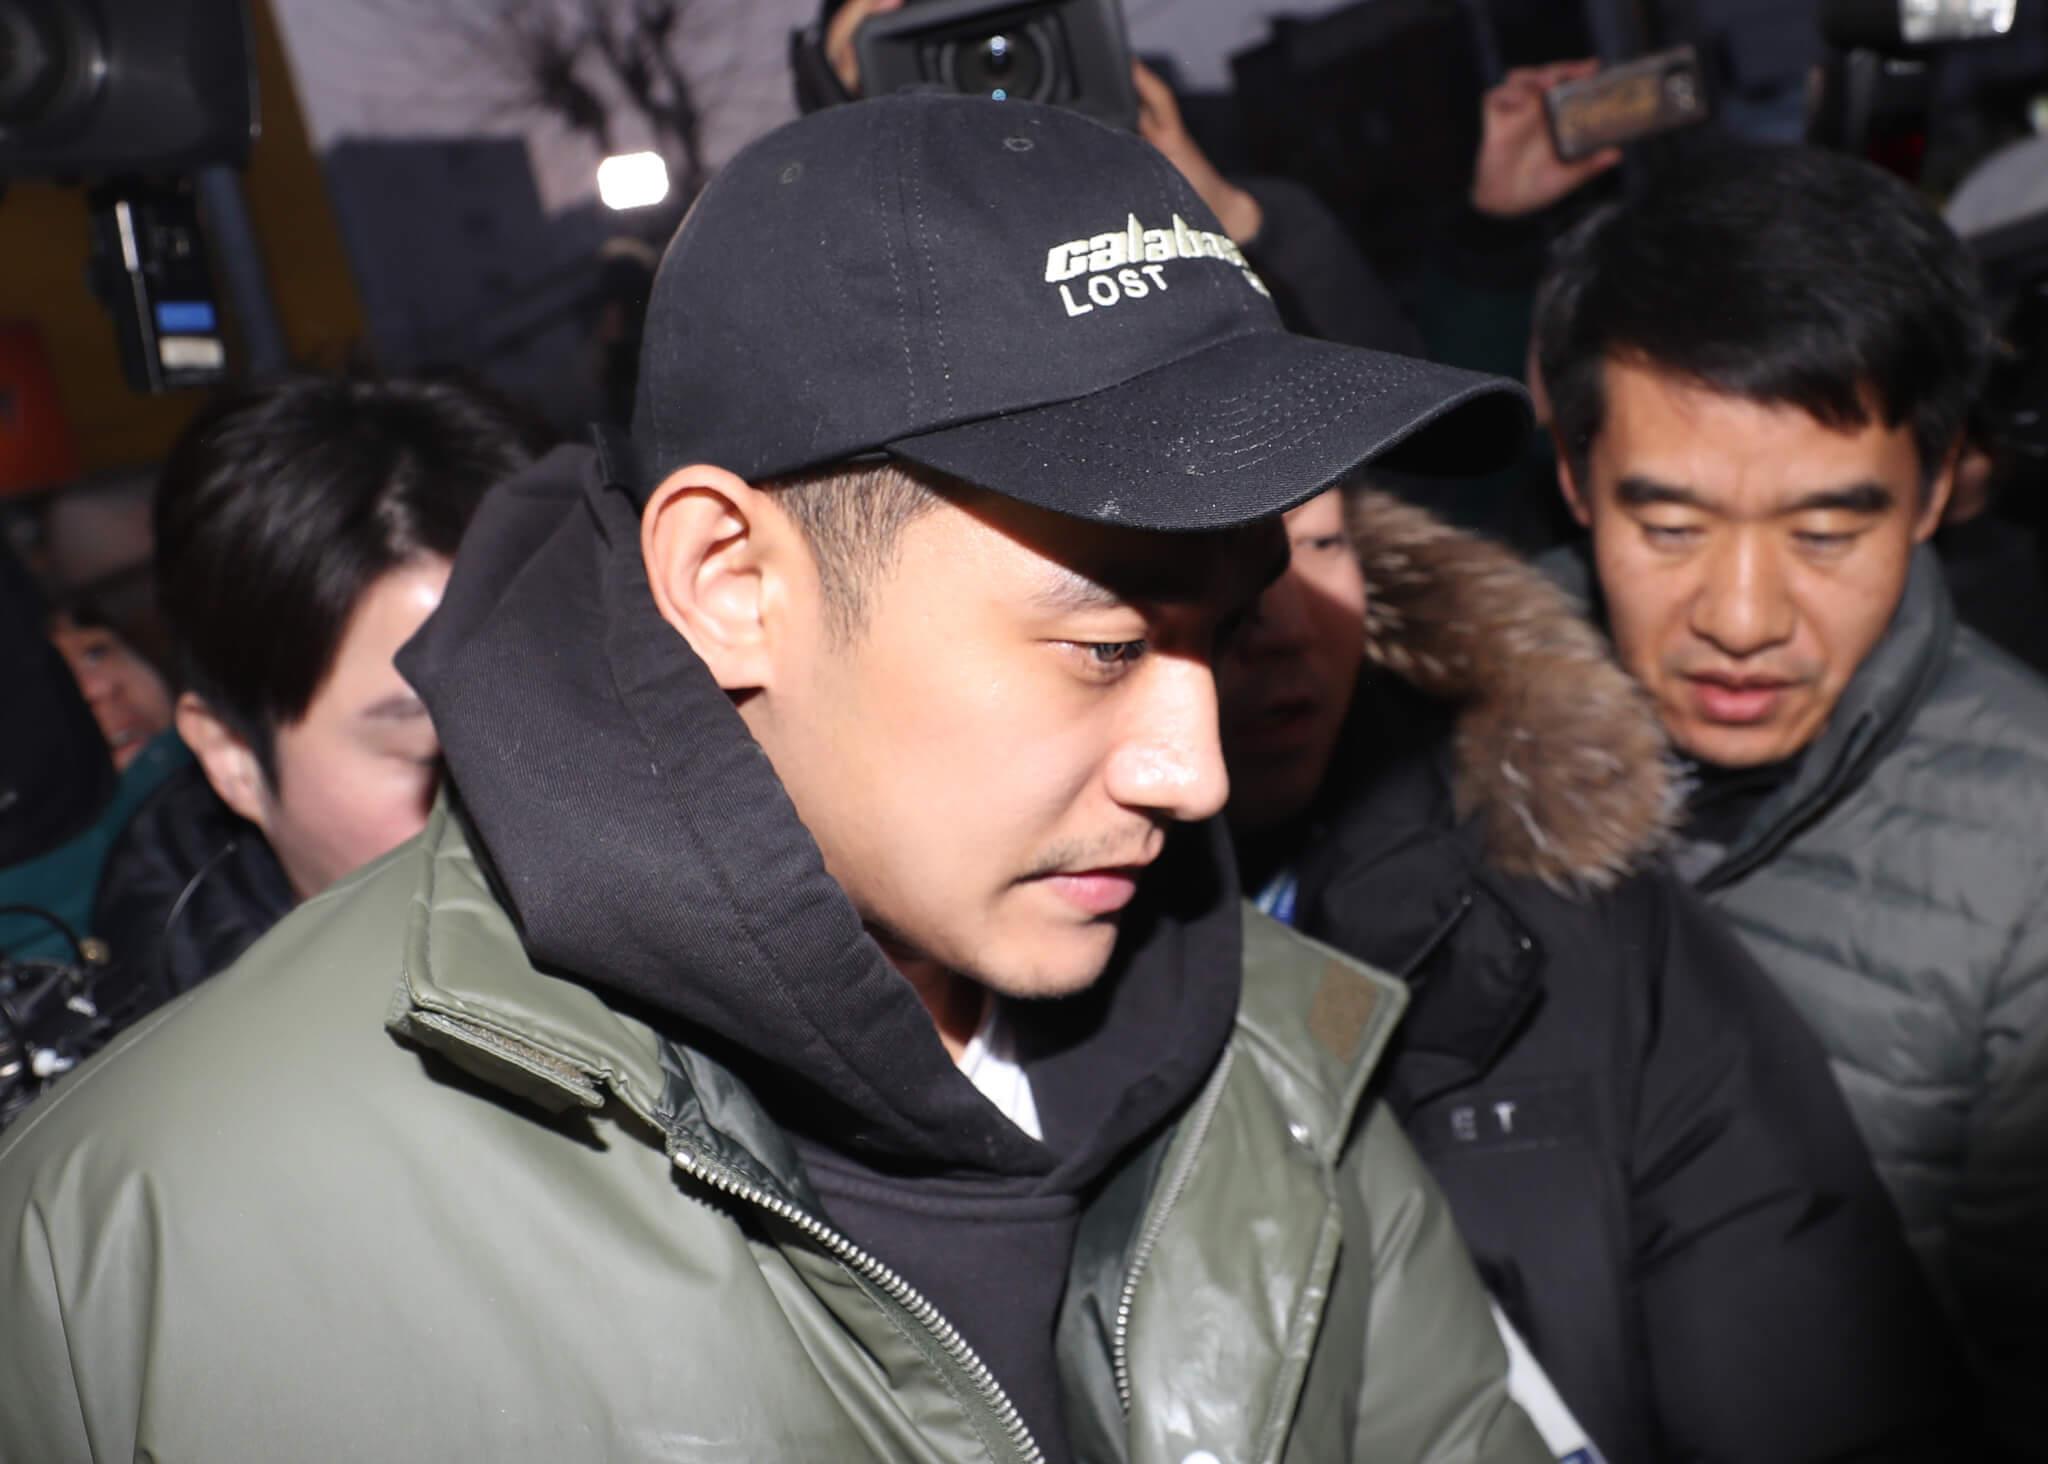 鄭錫元被捕後工作銳減,連拍下的《李屍朝鮮》戲分亦被刪減。